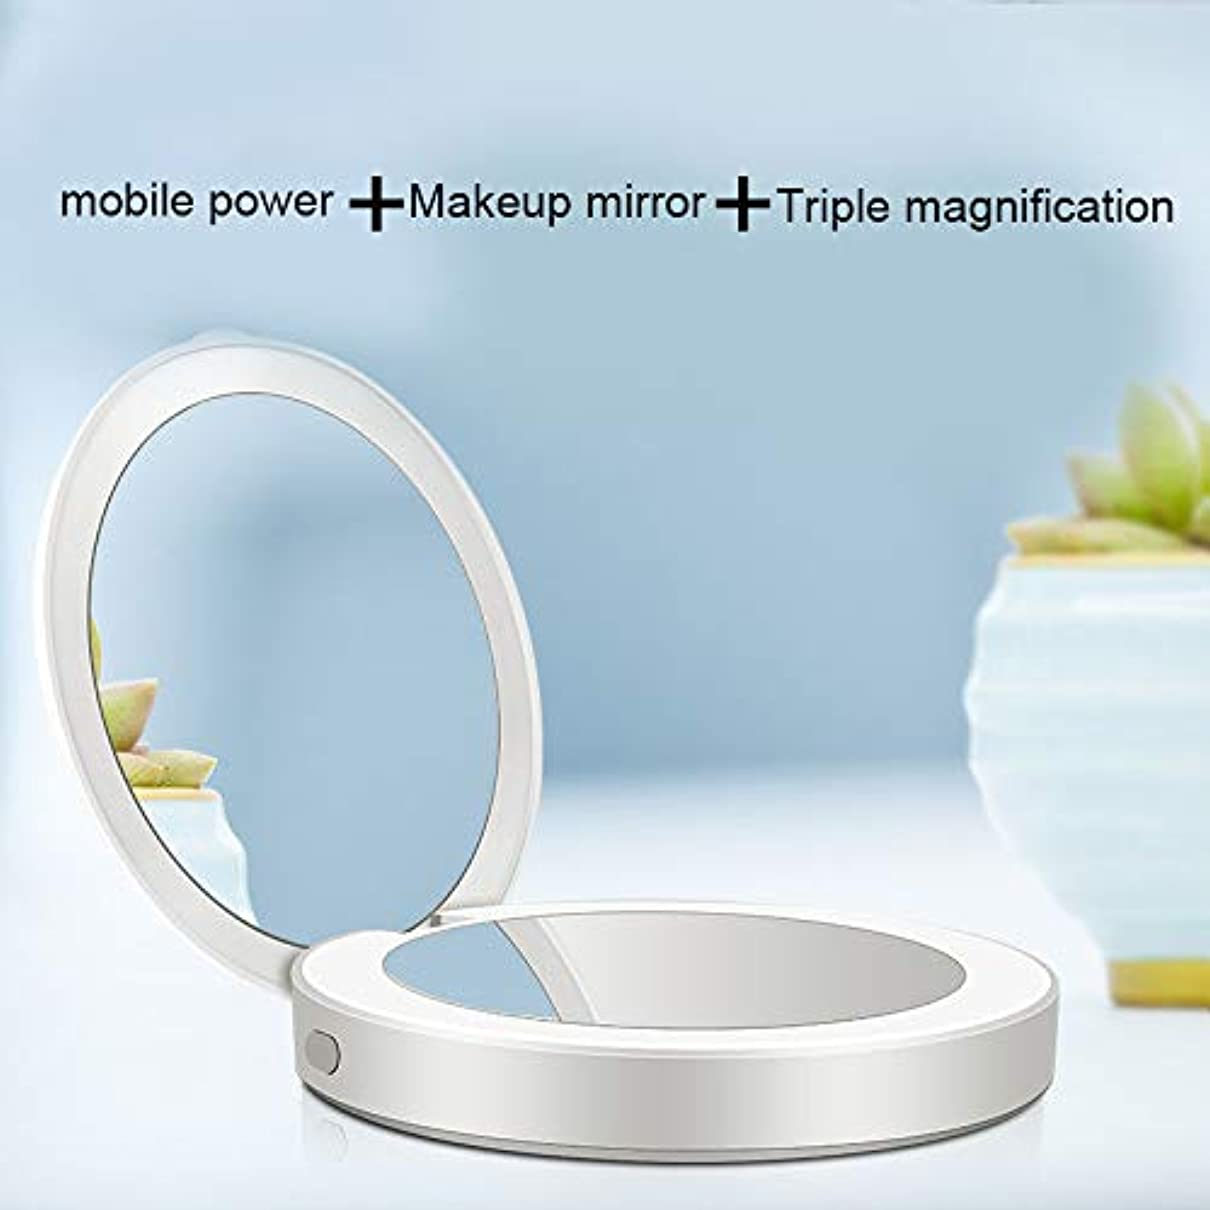 億メイン姿勢Tenflyer LED付き旅行化粧鏡5倍/ 1倍拡大鏡USB充電式ミニミラー